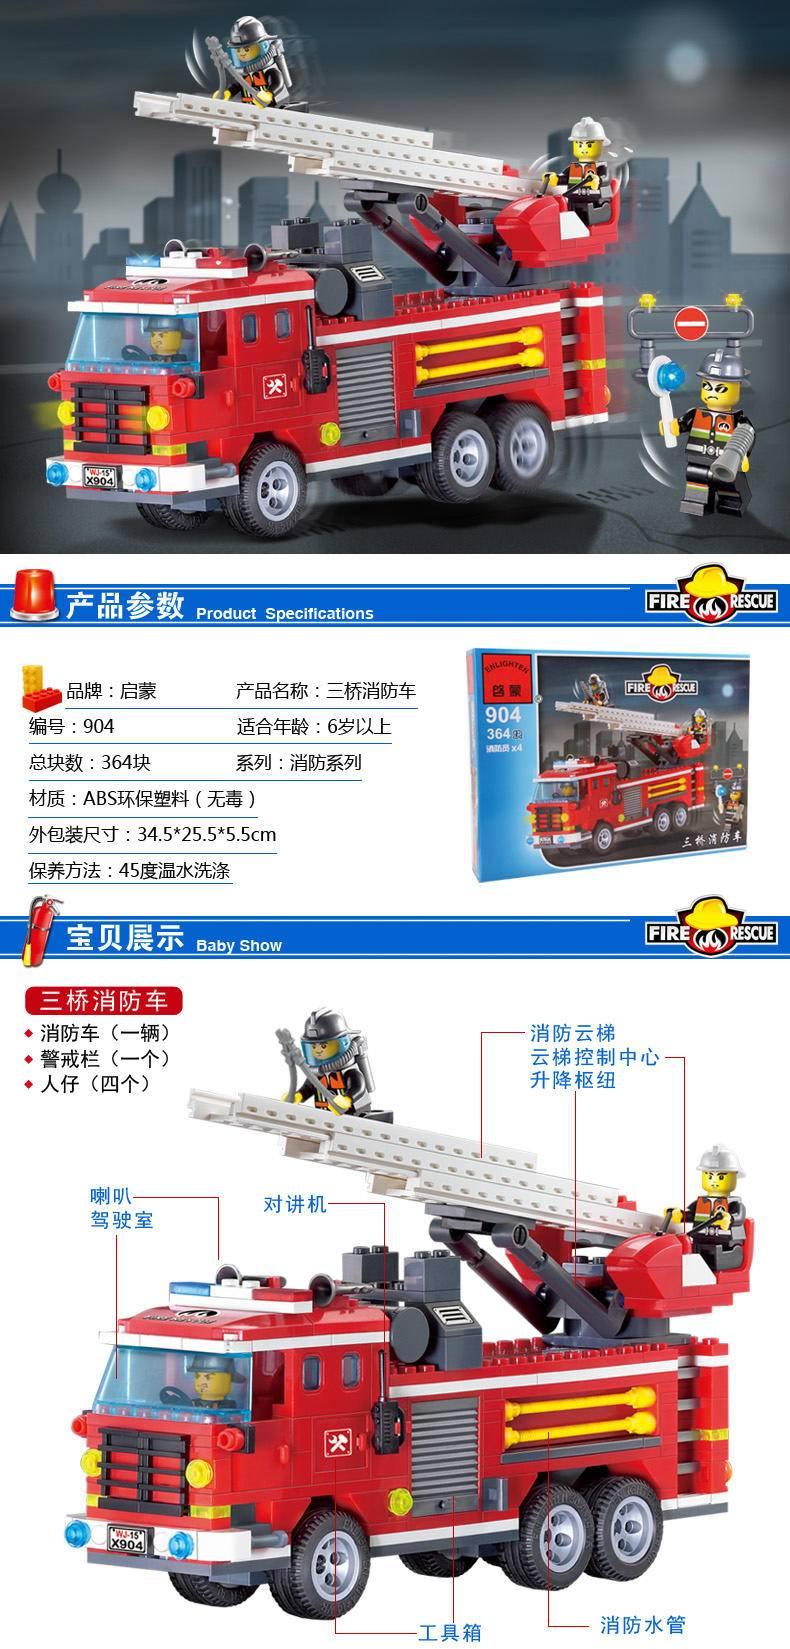 消防:三桥消防车